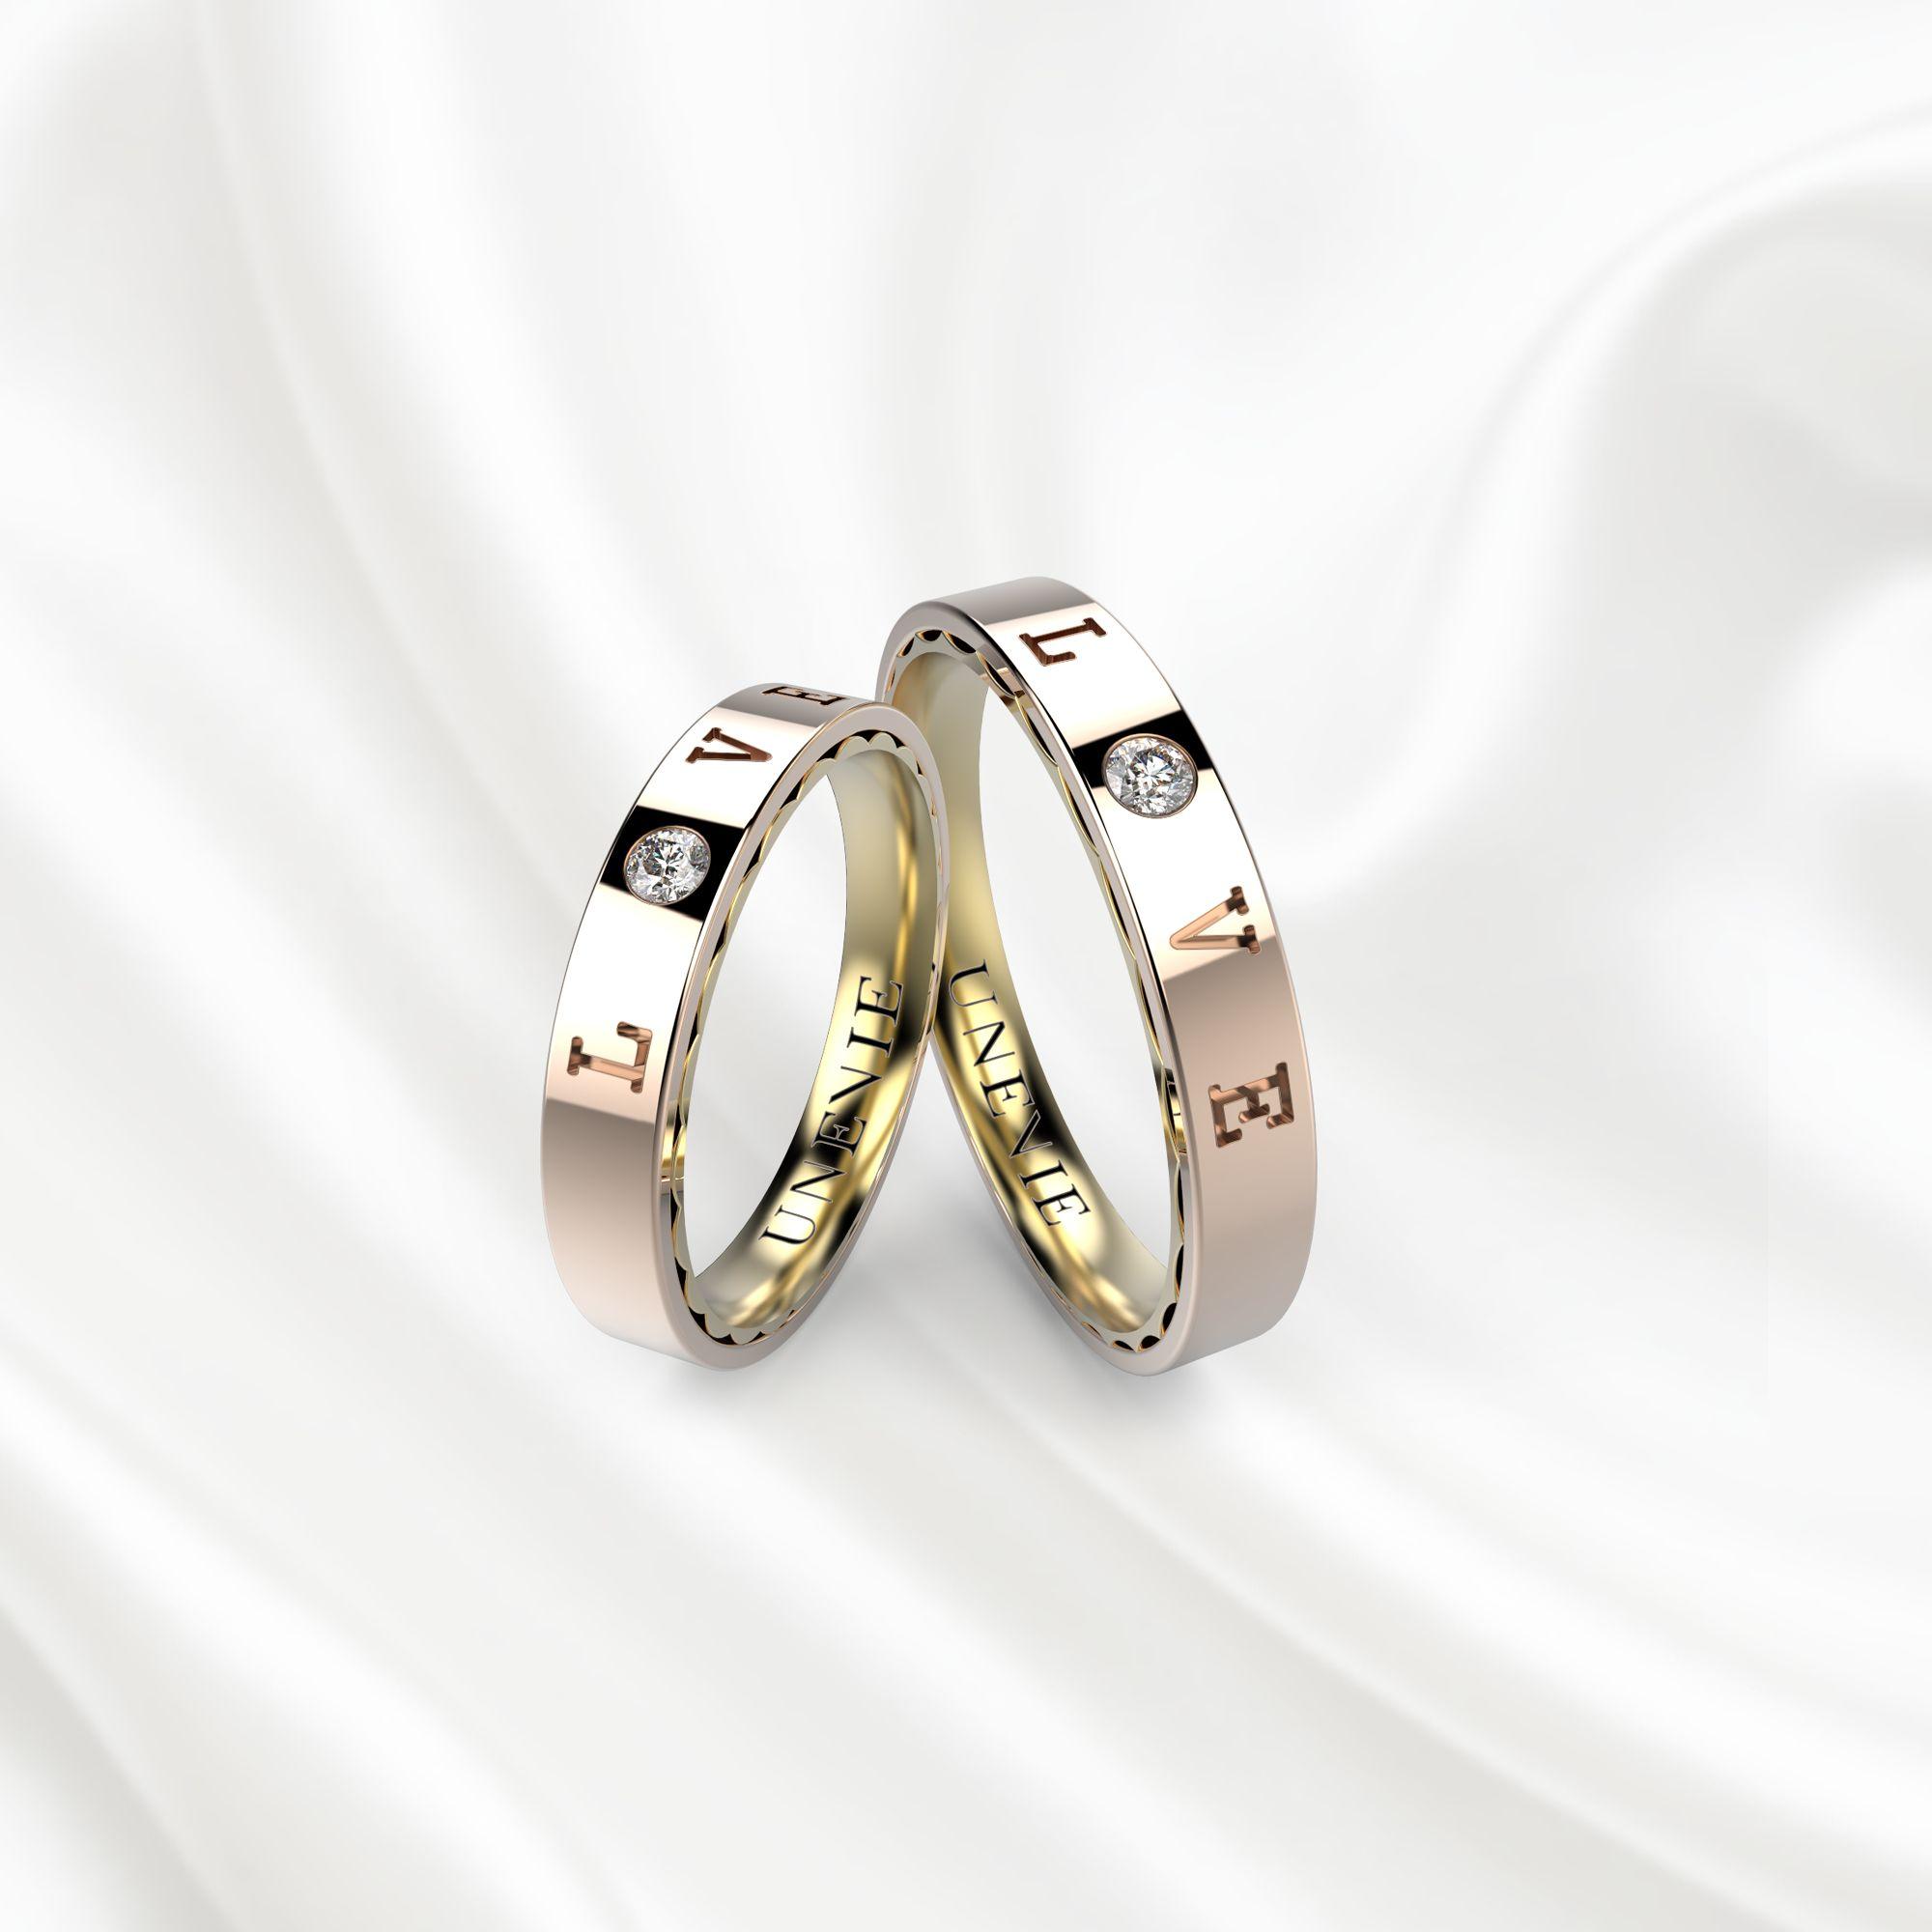 NV18 Обручальные кольца из розово-желтого золота